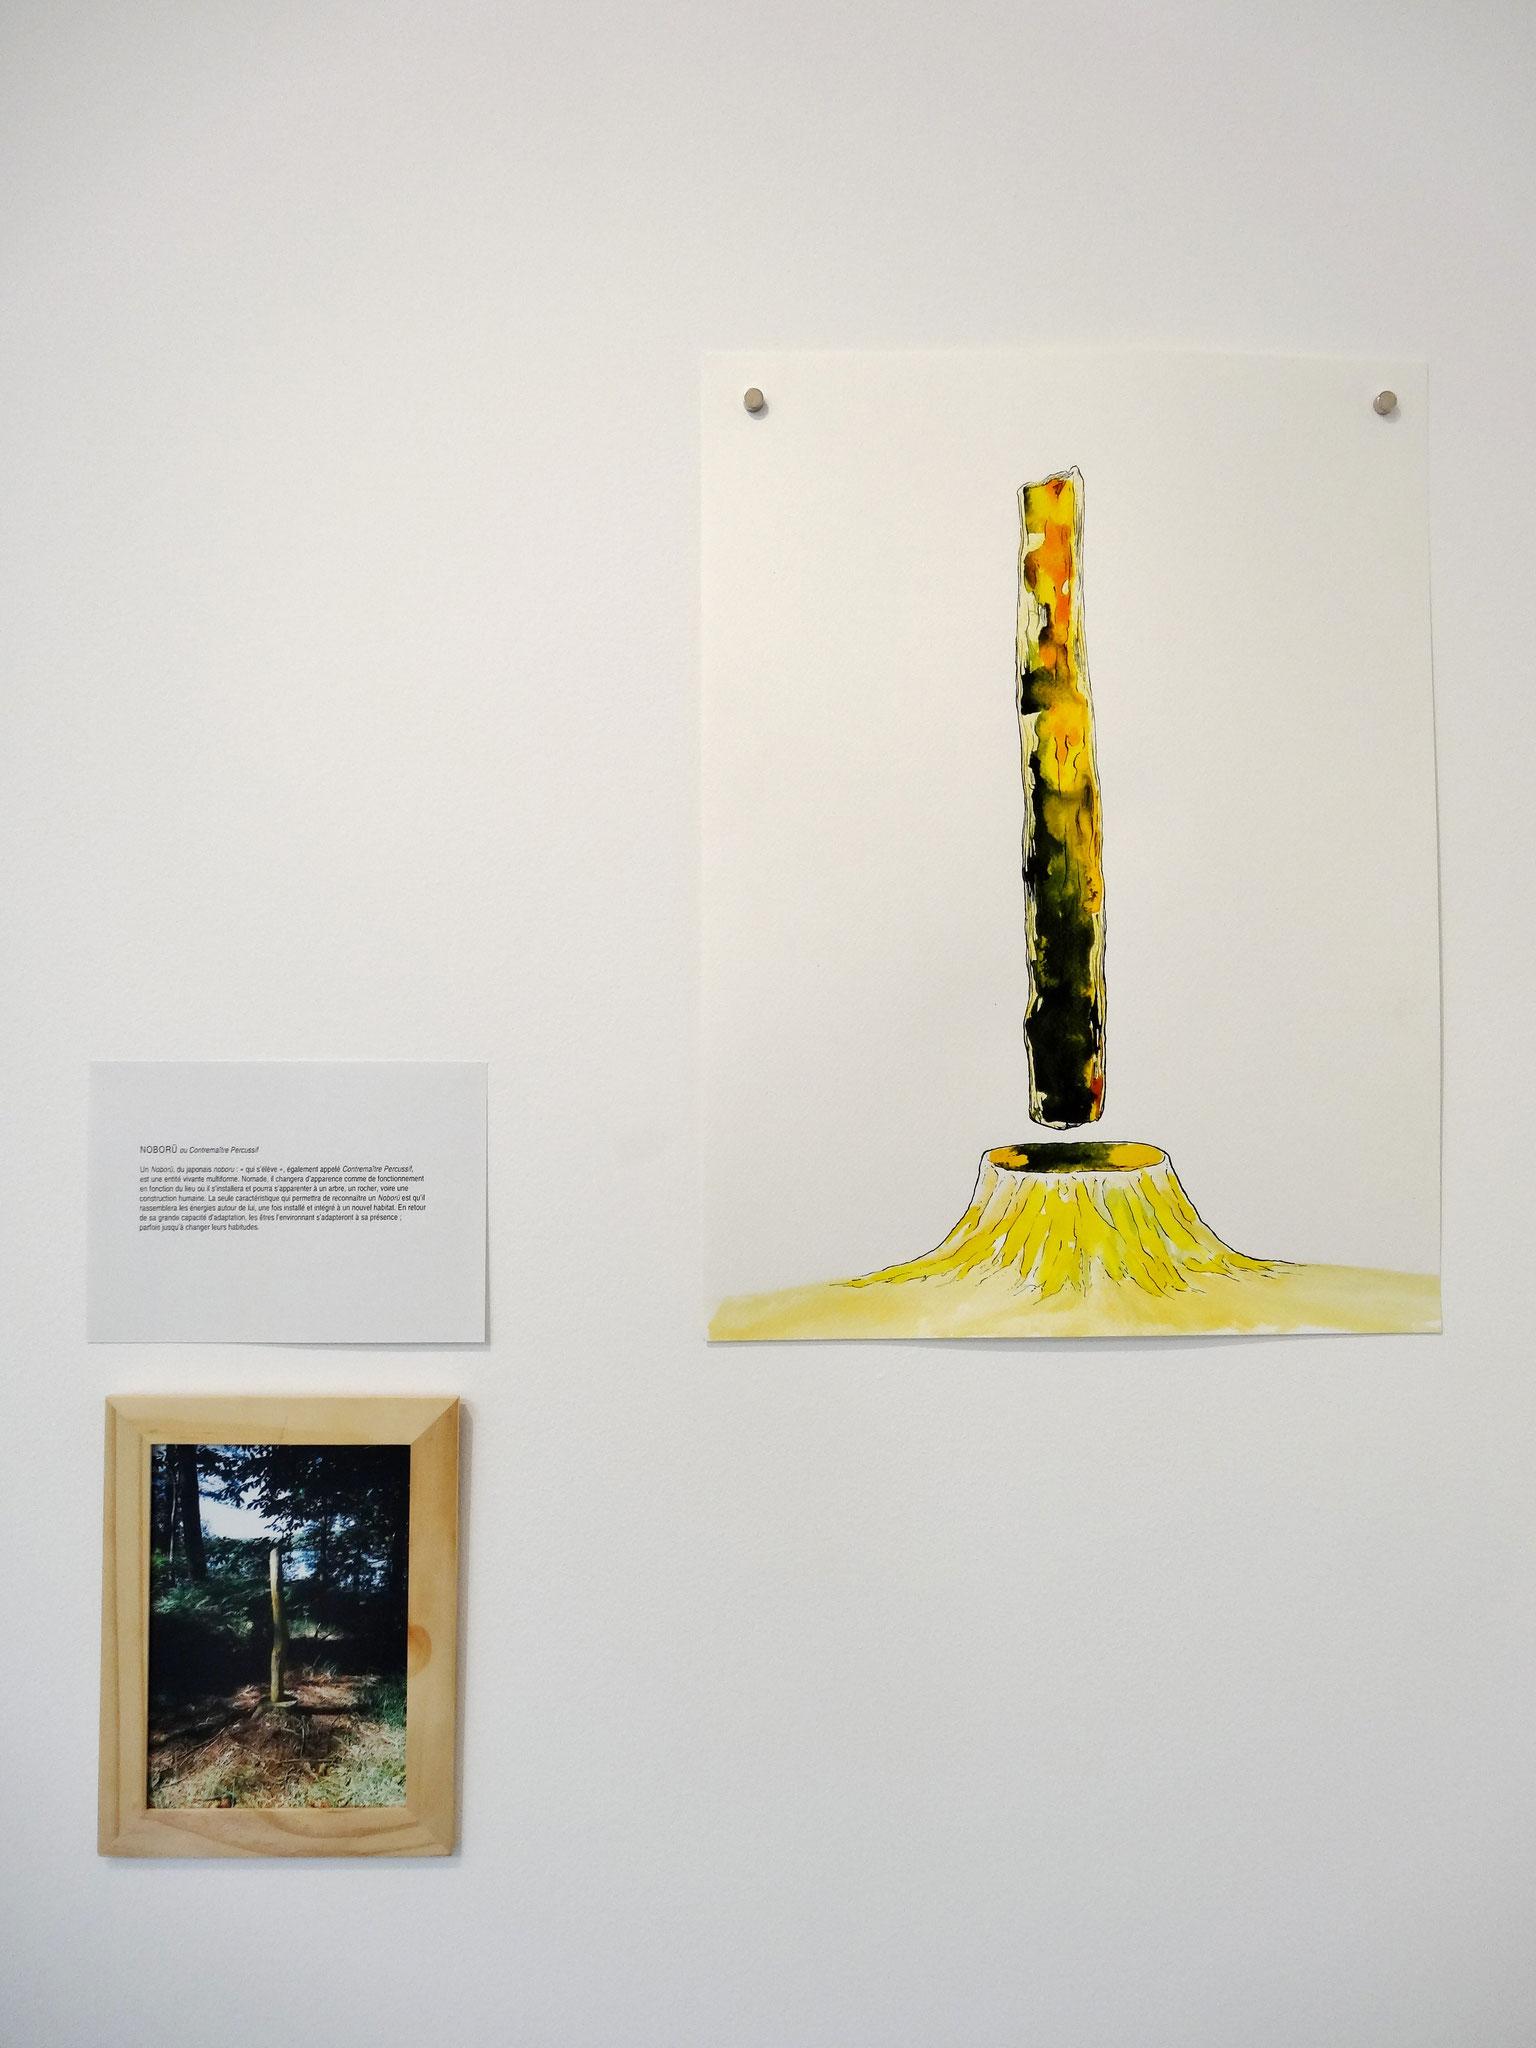 Noël Rasendrason, Noboru, 2016. Encre sur papier Arches 300 gr., 31 × 41 cm.